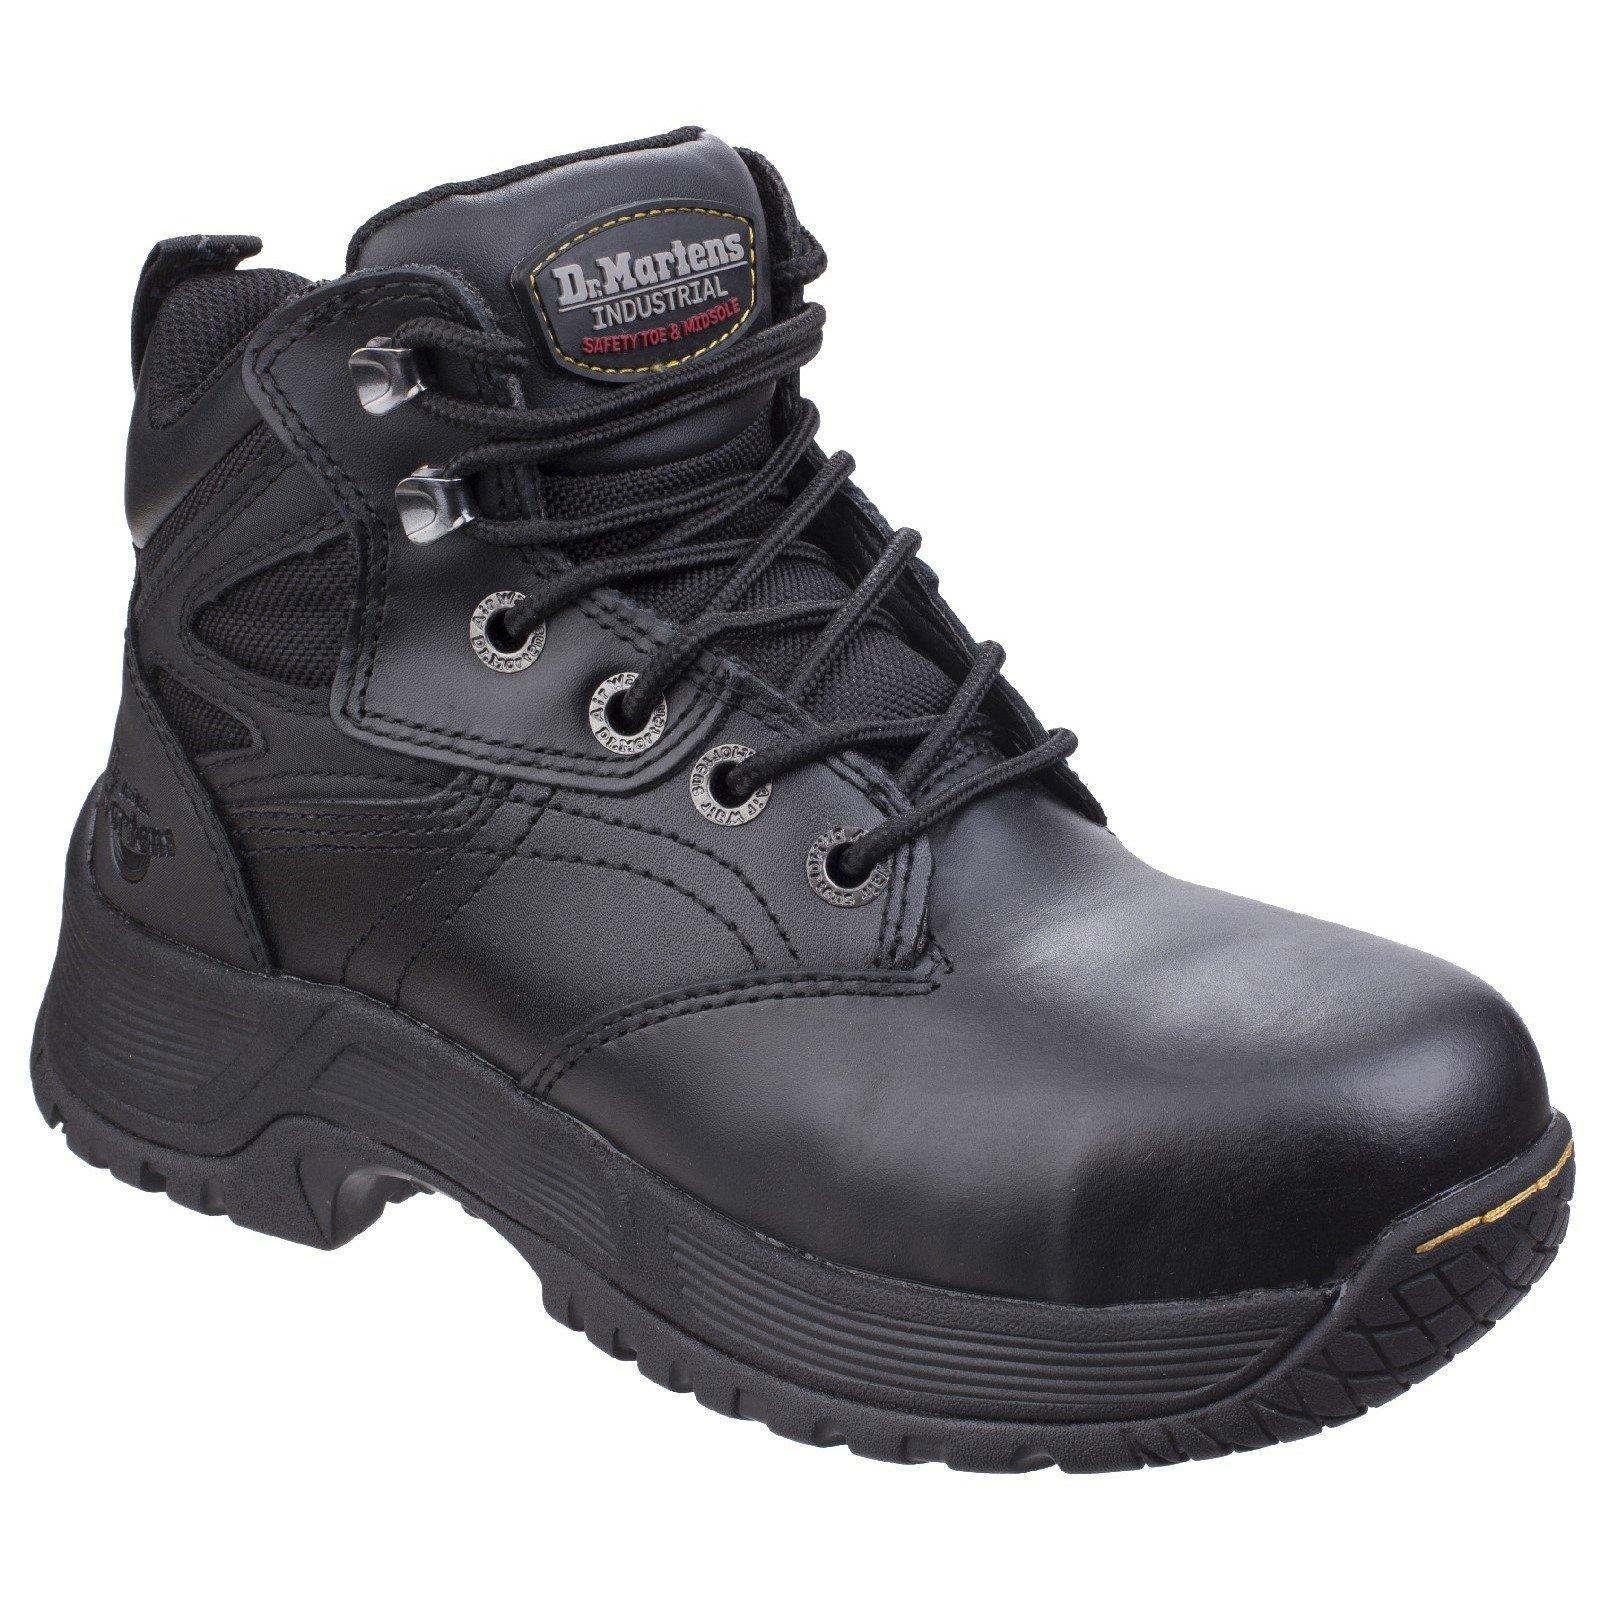 Dr Martens Men's Torness Safety Boot Black 26020 - Black 8